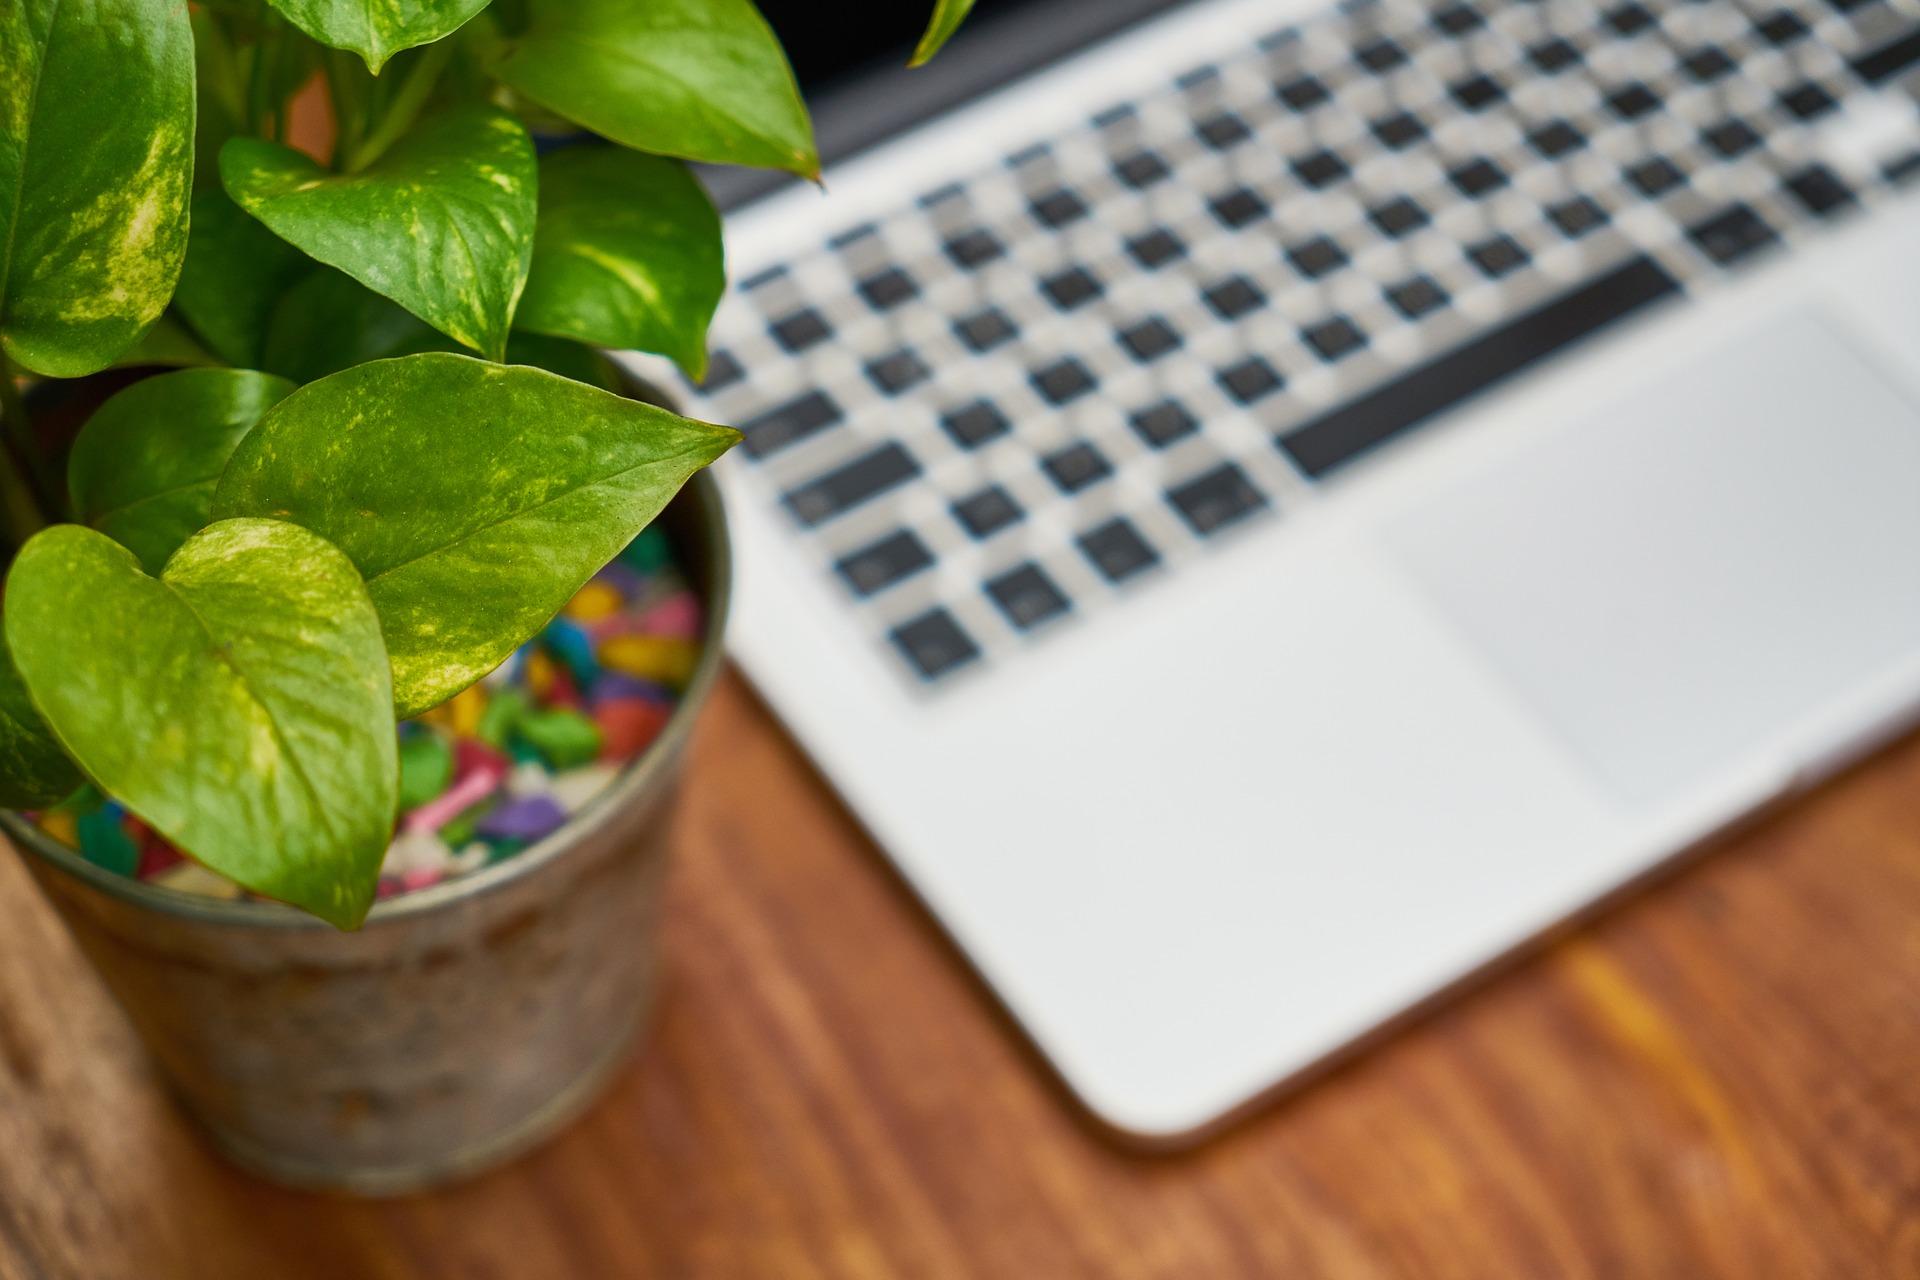 Piante Ufficio Stress : Come vivere bene in ufficio servono le piante stile